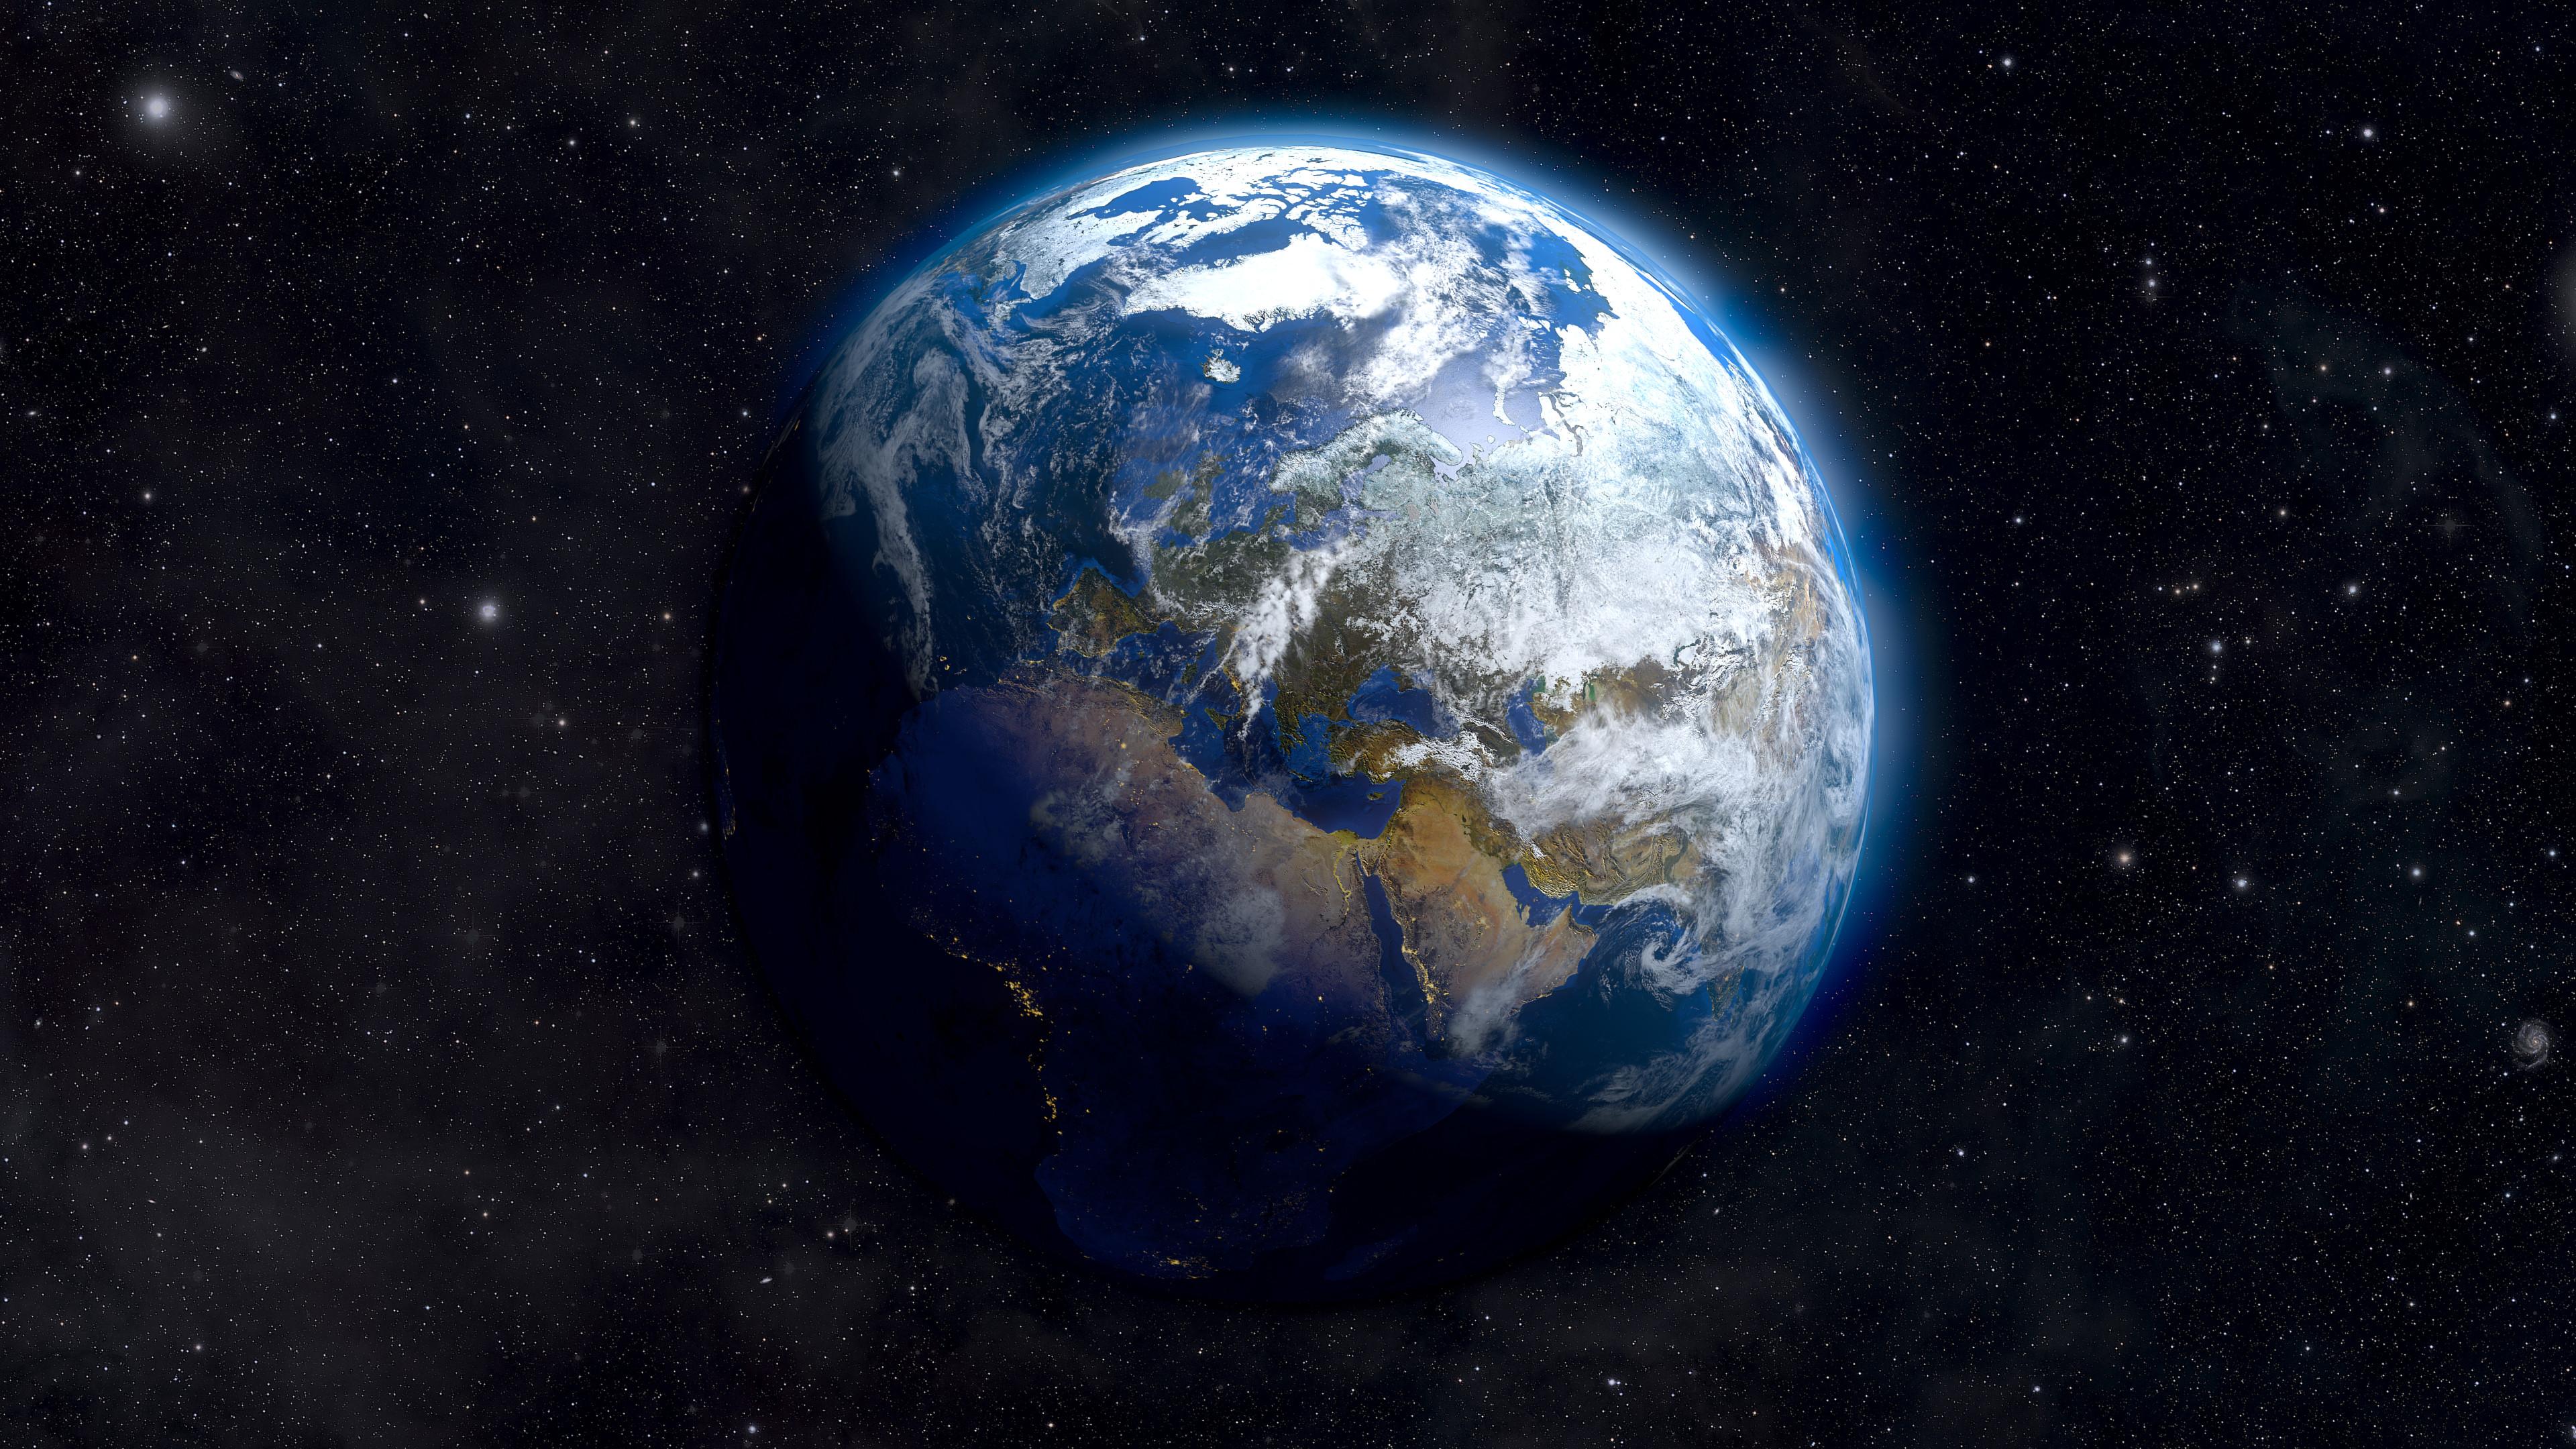 Free Download From Space 4k Ultra Hd Desktop Wallpaper Uploaded By